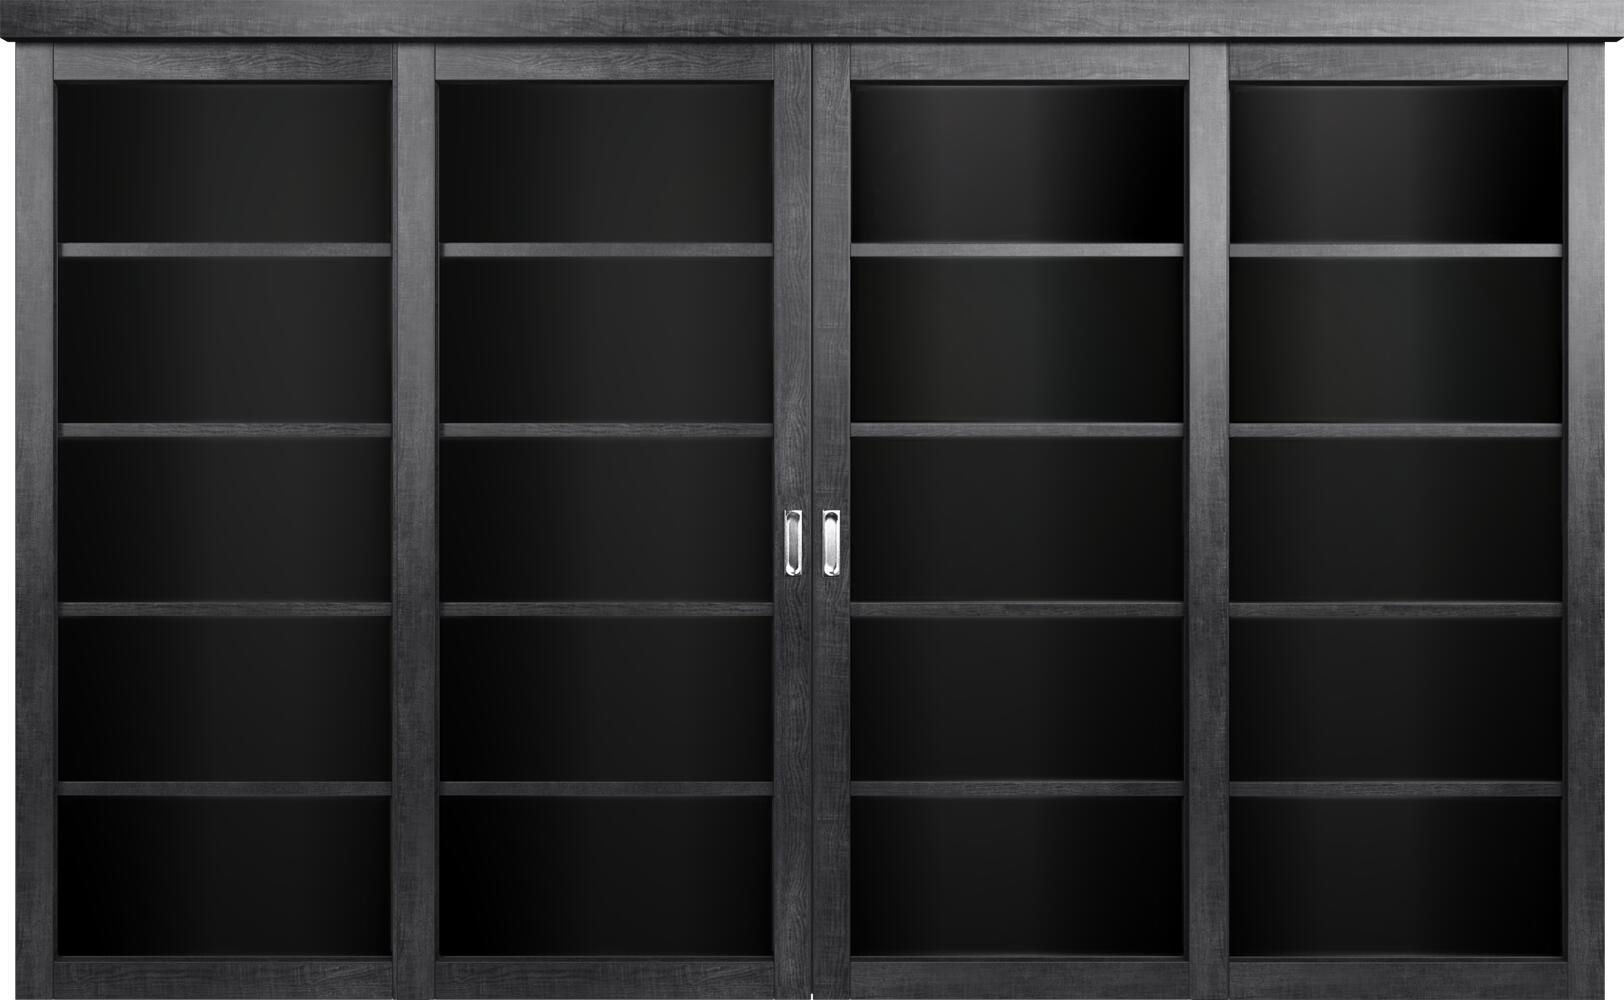 Коллекция Перегородки Двухполосная раздвижная система для 4-х полотен. Тип 1 Венге пепельный + Триплекс черный